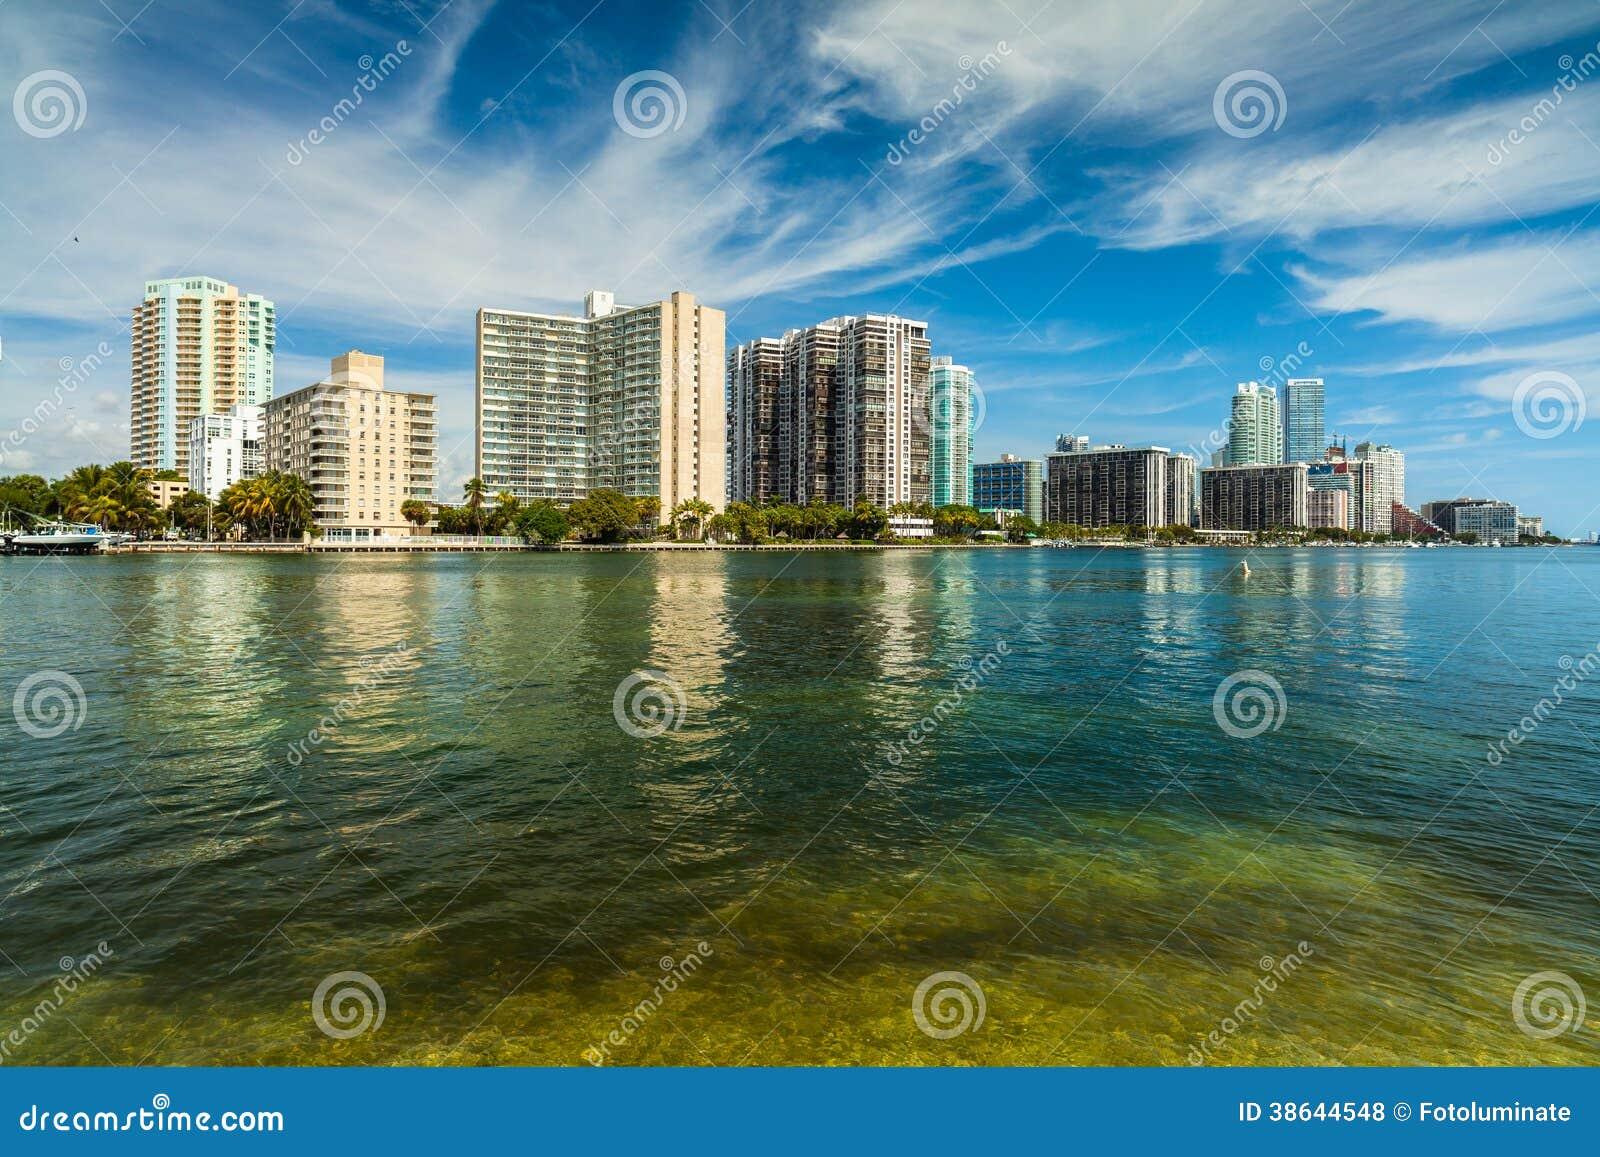 Miami Skyline stock photo. Image of downtown, metropolitan ...